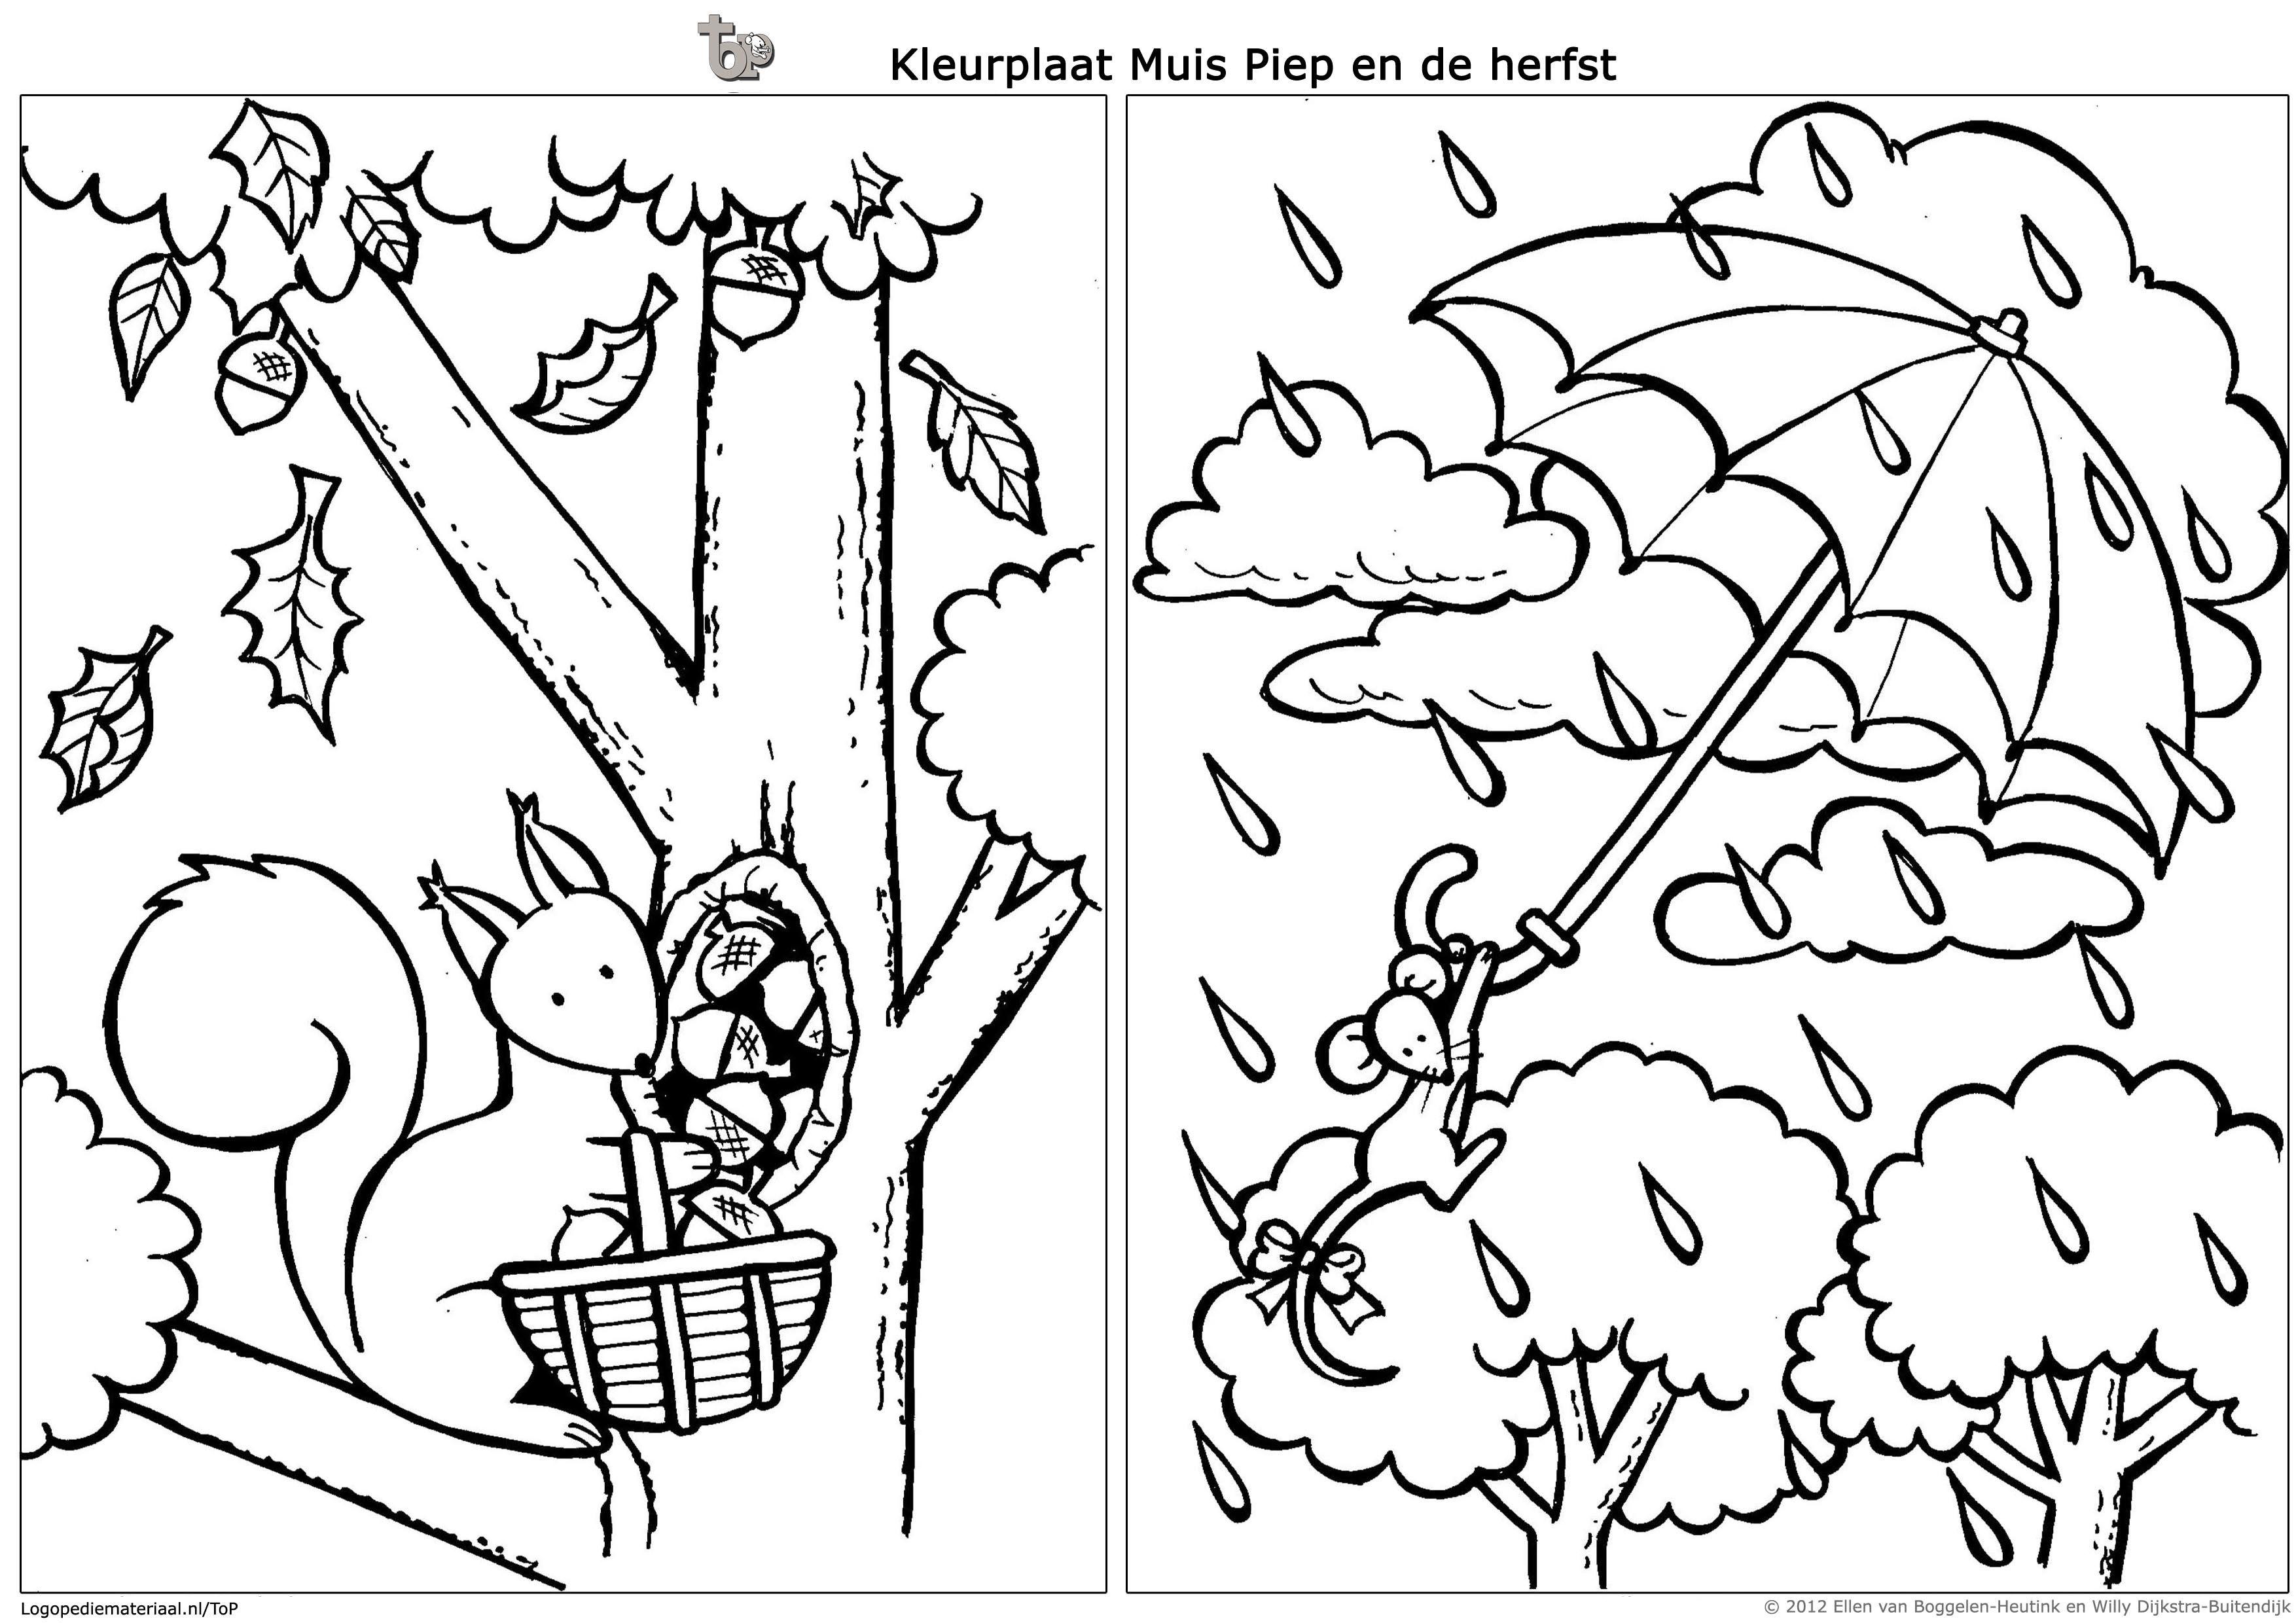 Kleurplaat Muis Piep En Eekhoorn En De Herfst Kleurboek Eekhoorn Kleurplaten